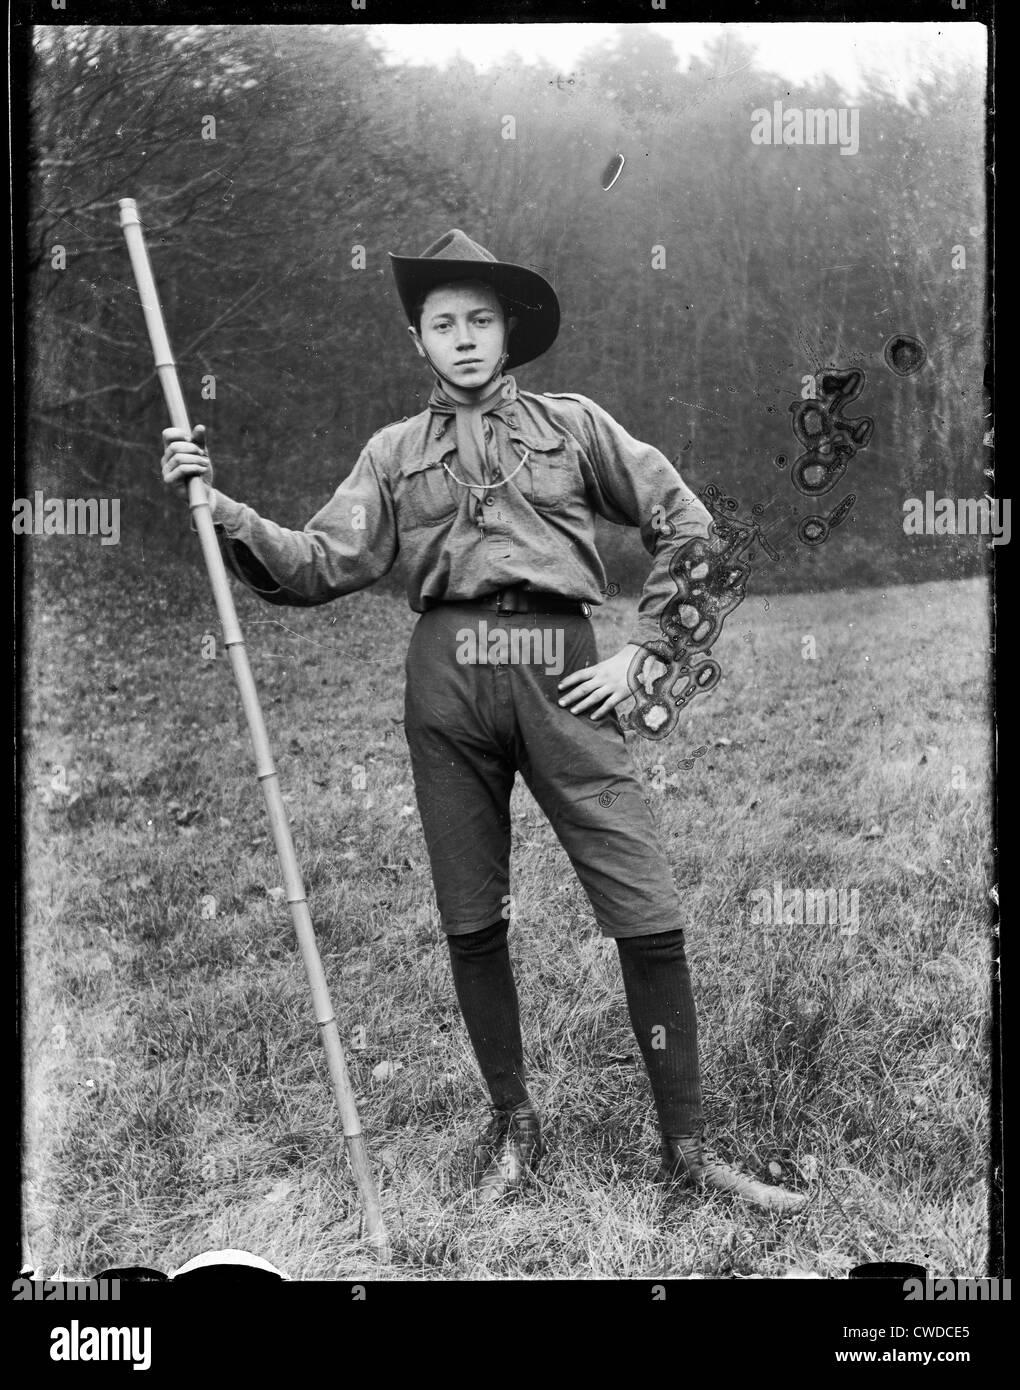 portrait,uniform,boy scout,historical photo - Stock Image